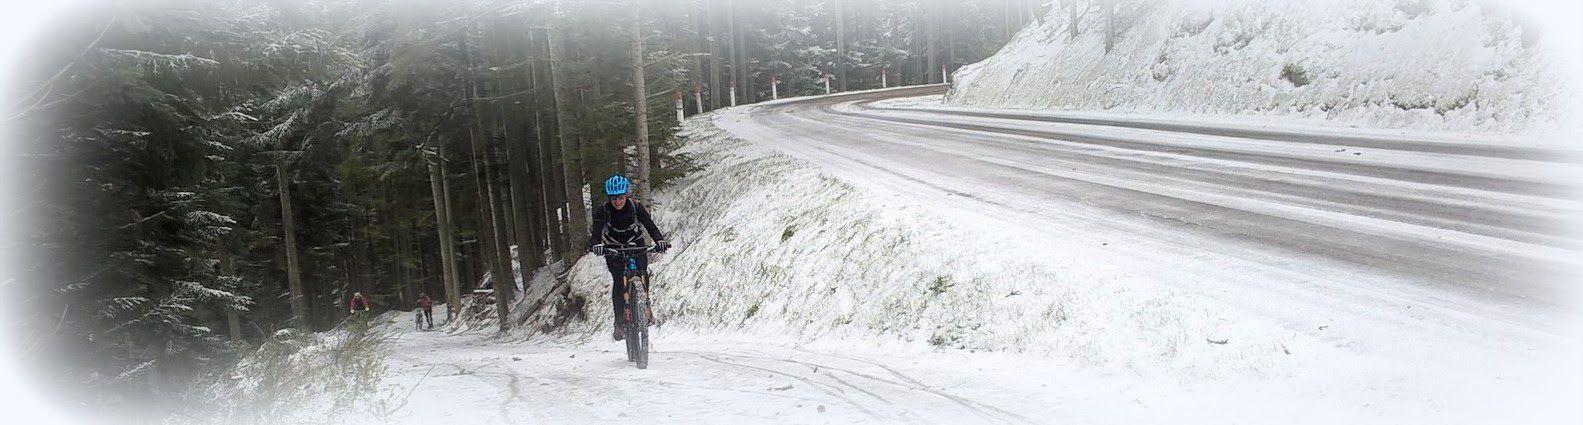 Nous arrivons au col de Baraques, la neige est de plus en plus épaisse. 3 d'entre nous décident de rallier le prochain gîte par la route.